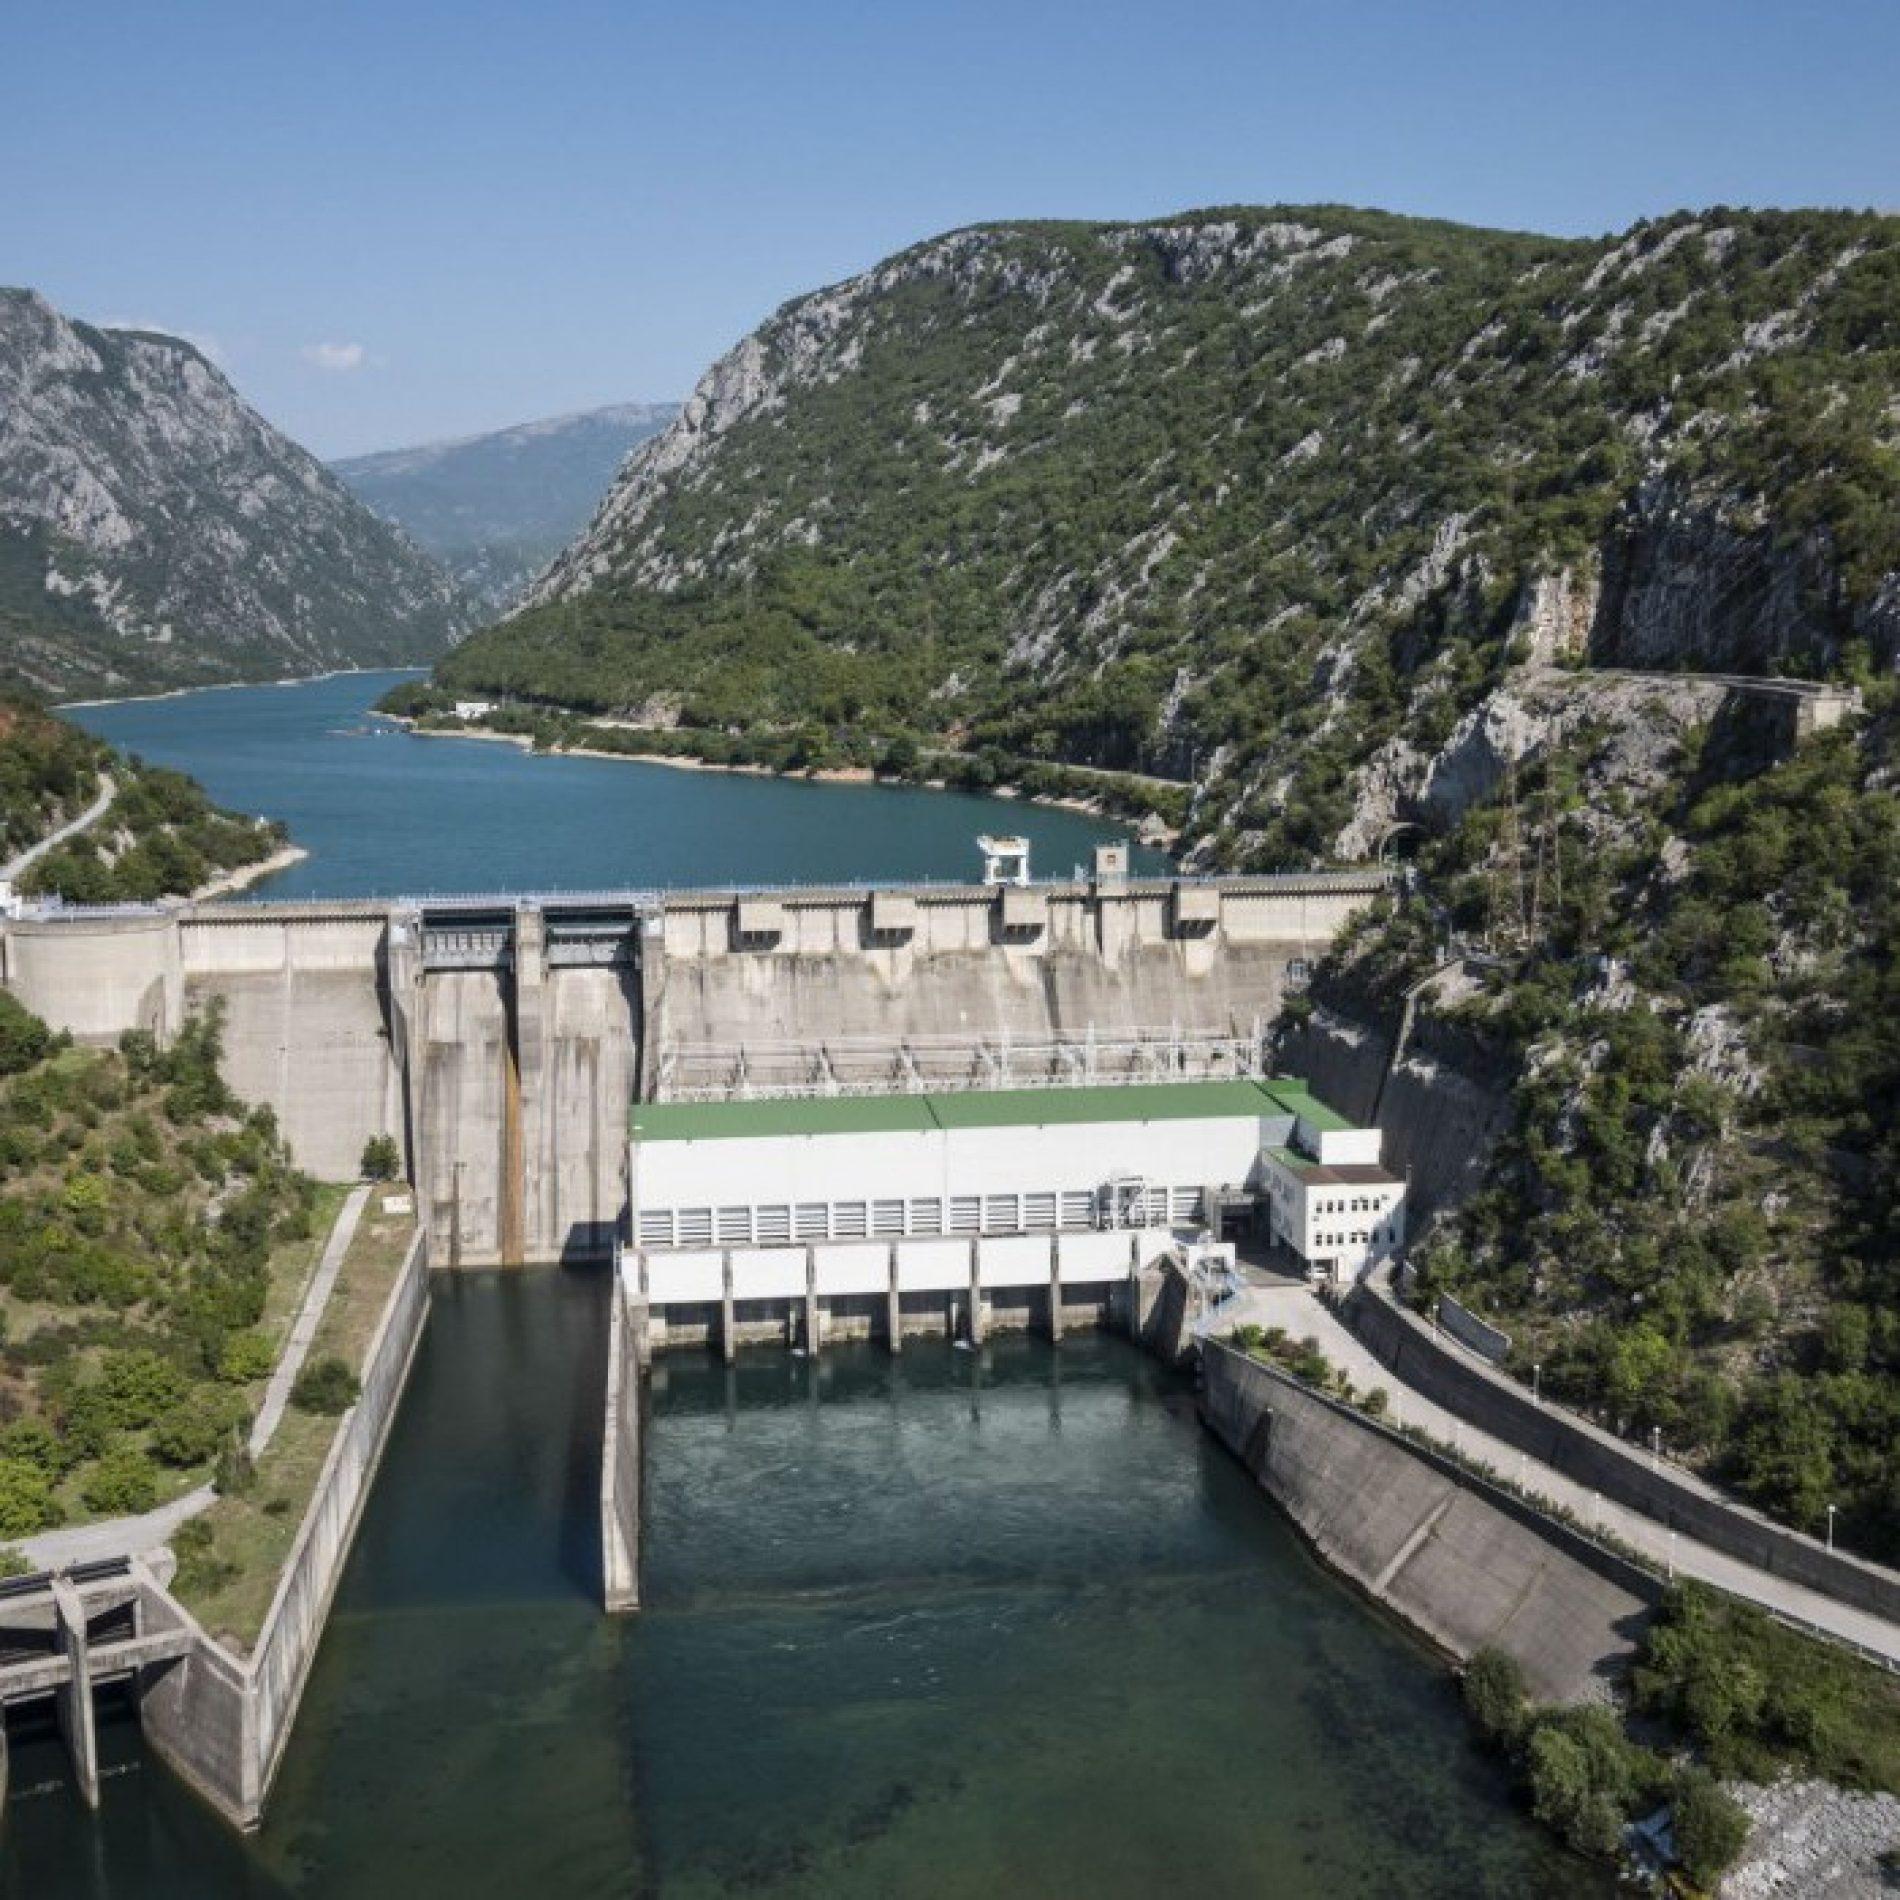 Bosna i Hercegovina prošle godine izvezla struje u rekordnoj vrijednosti od 574 miliona KM